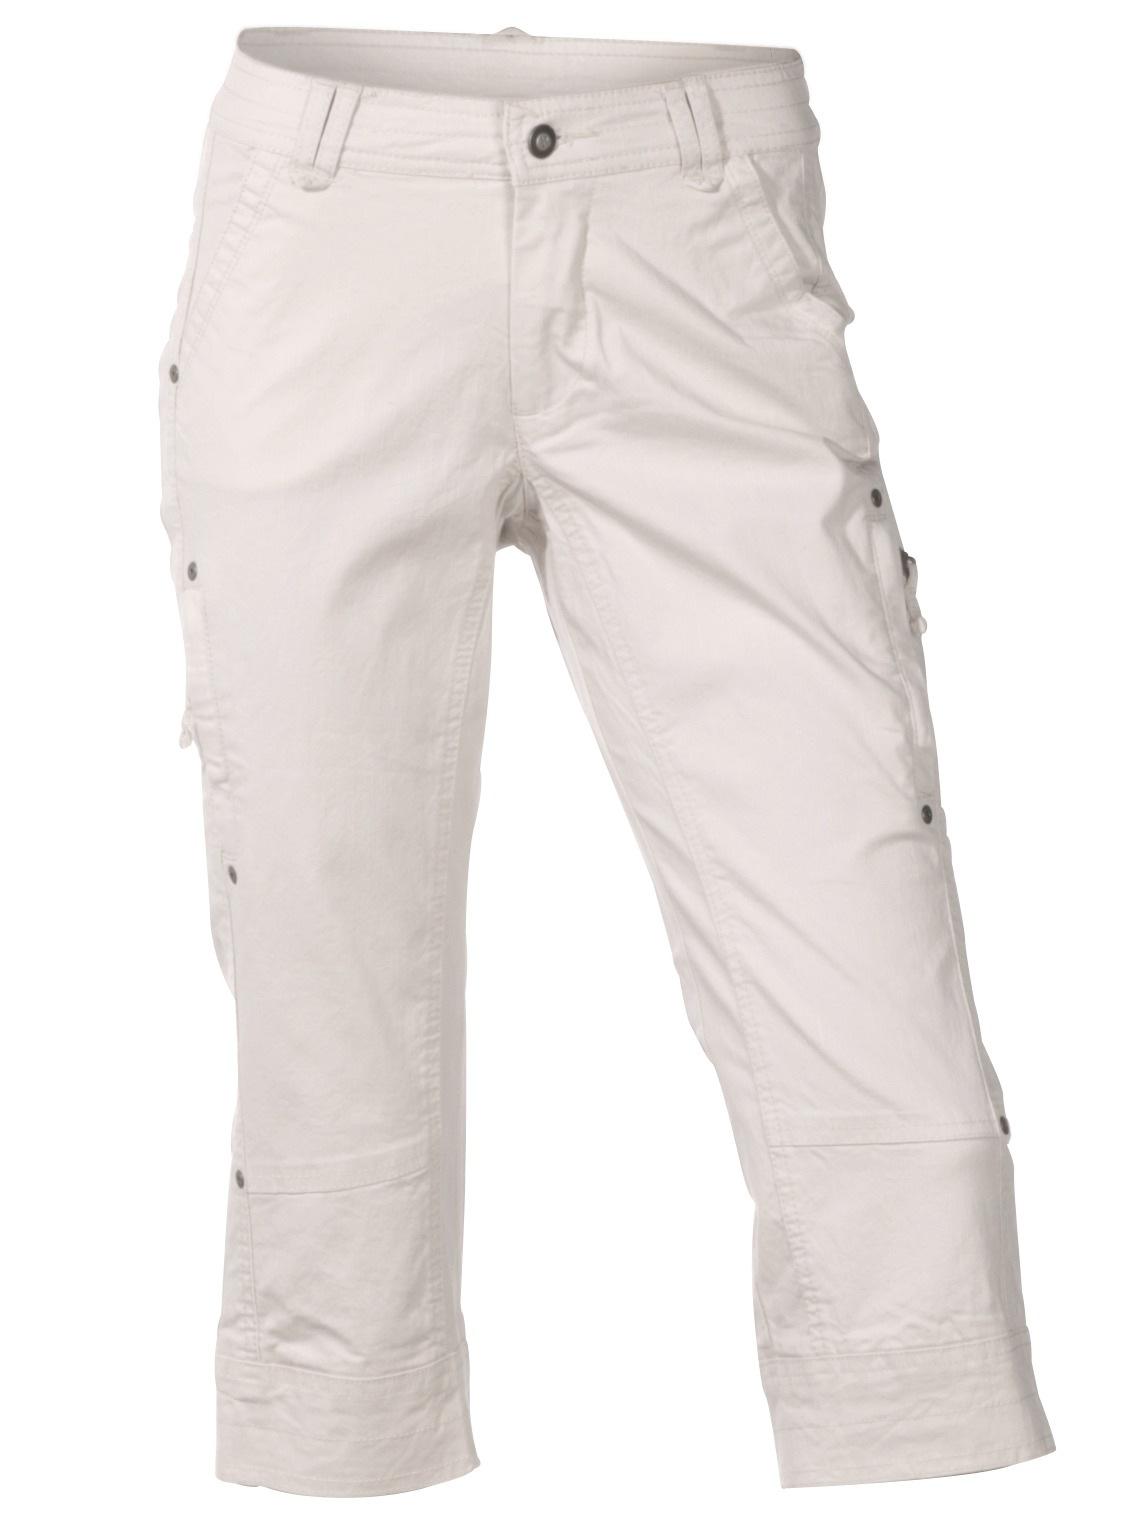 heine CASUAL Caprihose mit Reißverschluss-Taschen | Bekleidung > Hosen > Caprihosen | Beige | heine